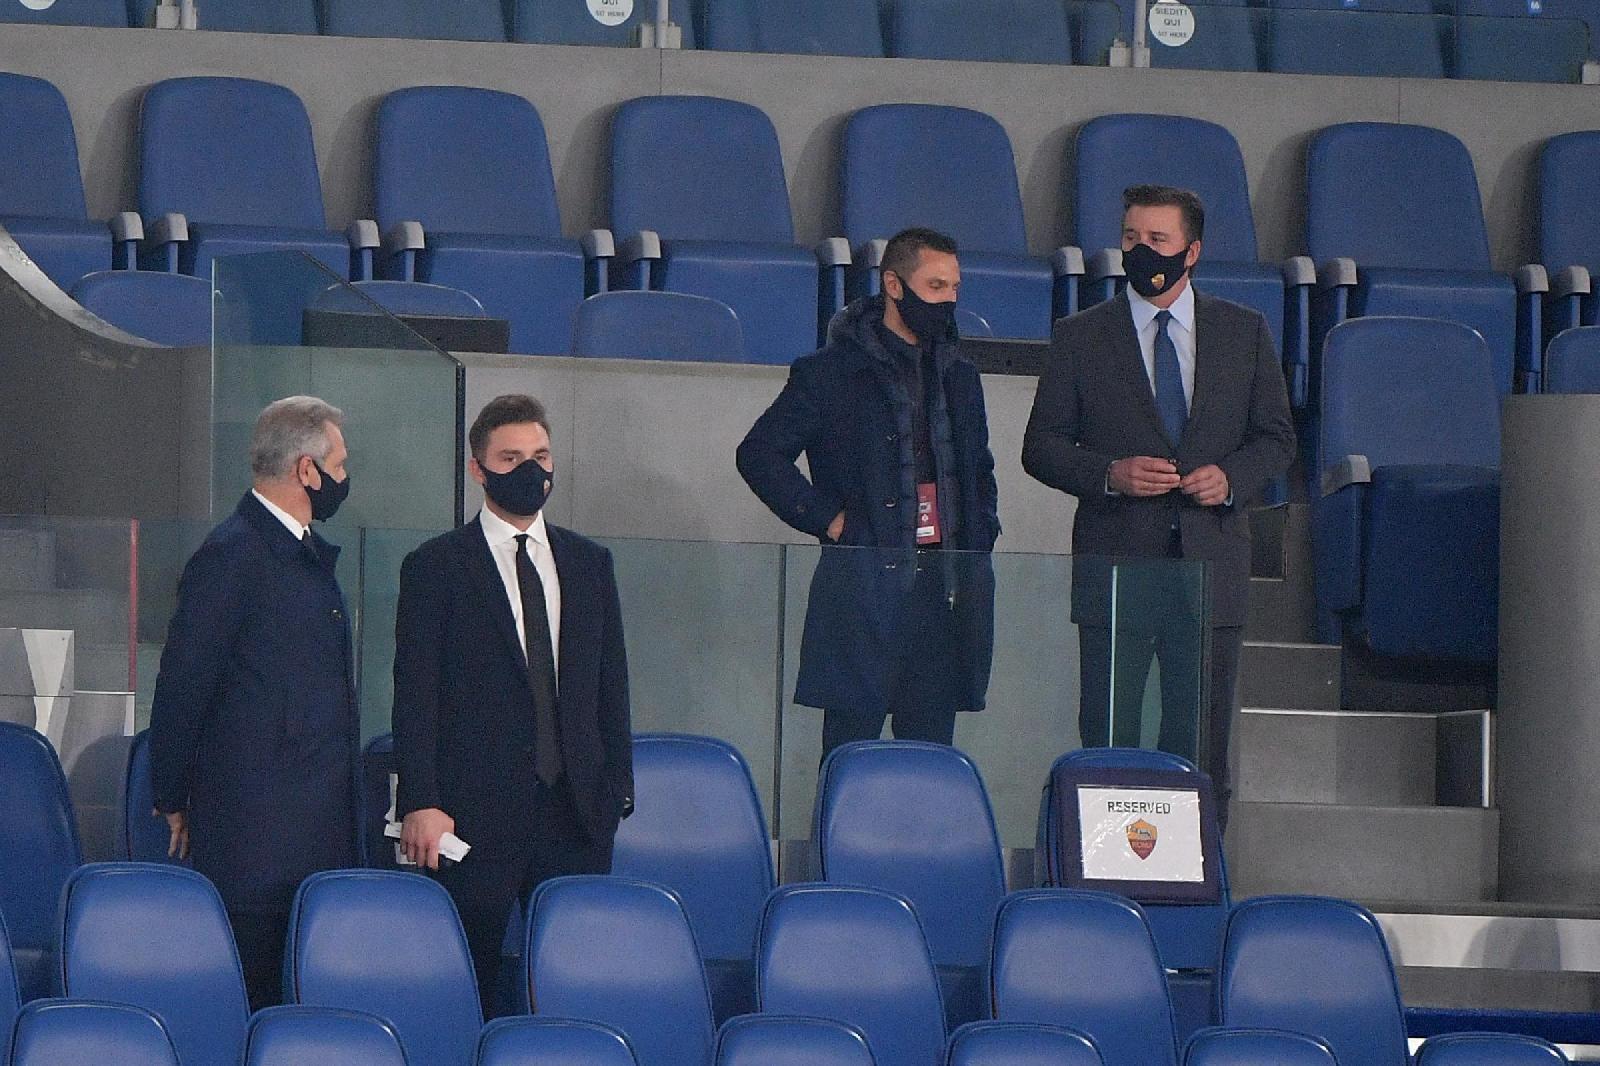 Roma-Fiorentina: Zaniolo e Dan Friedkin in tribuna all'Olimpico